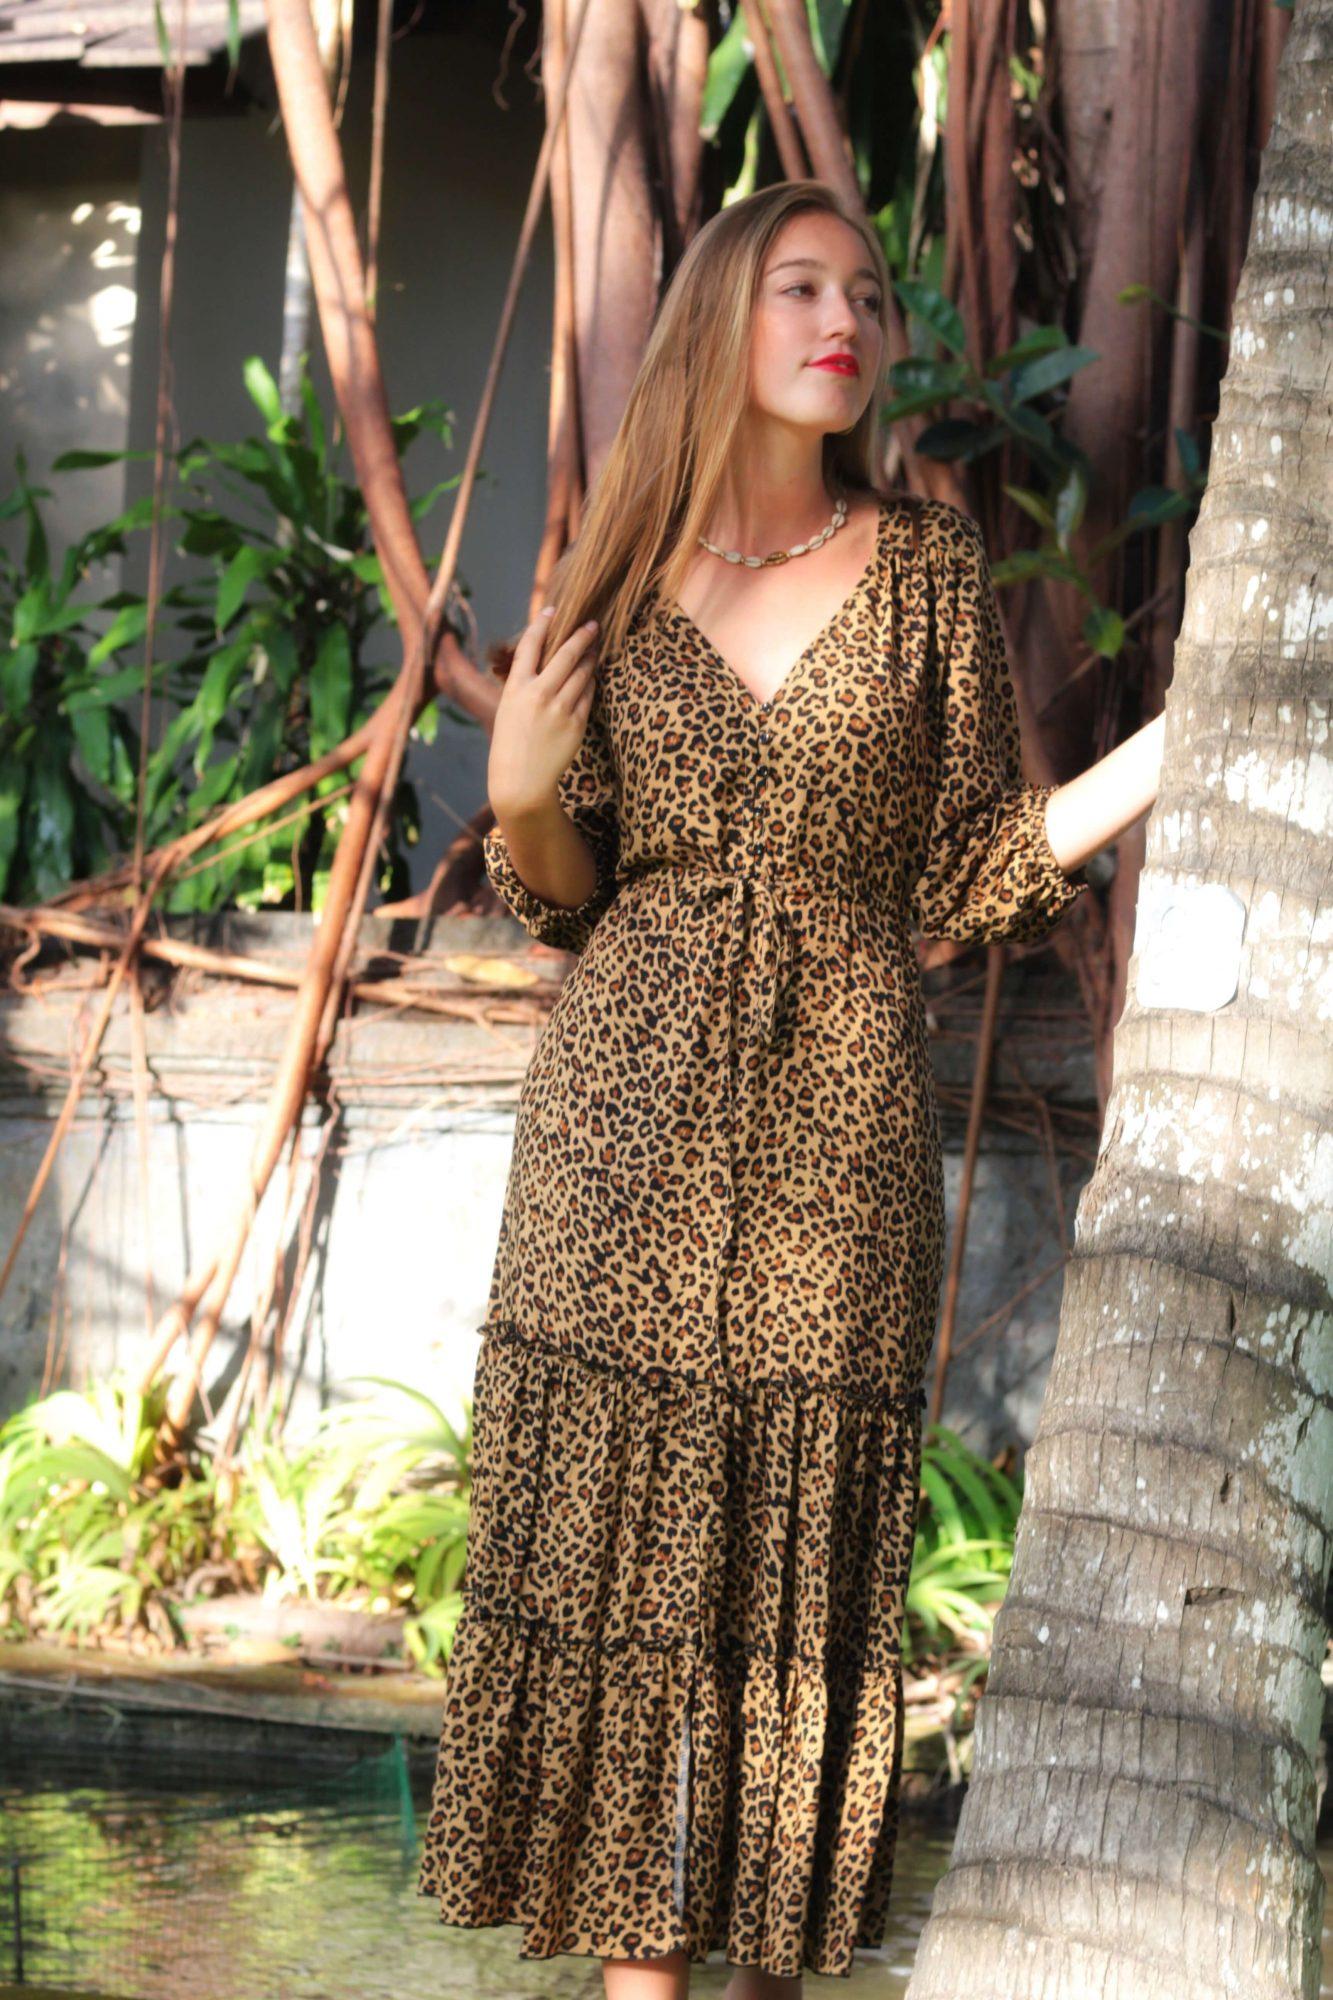 Leoparden Midikleid Gypsy Style Boho Ibiza Kleidung Berlin Deutschland